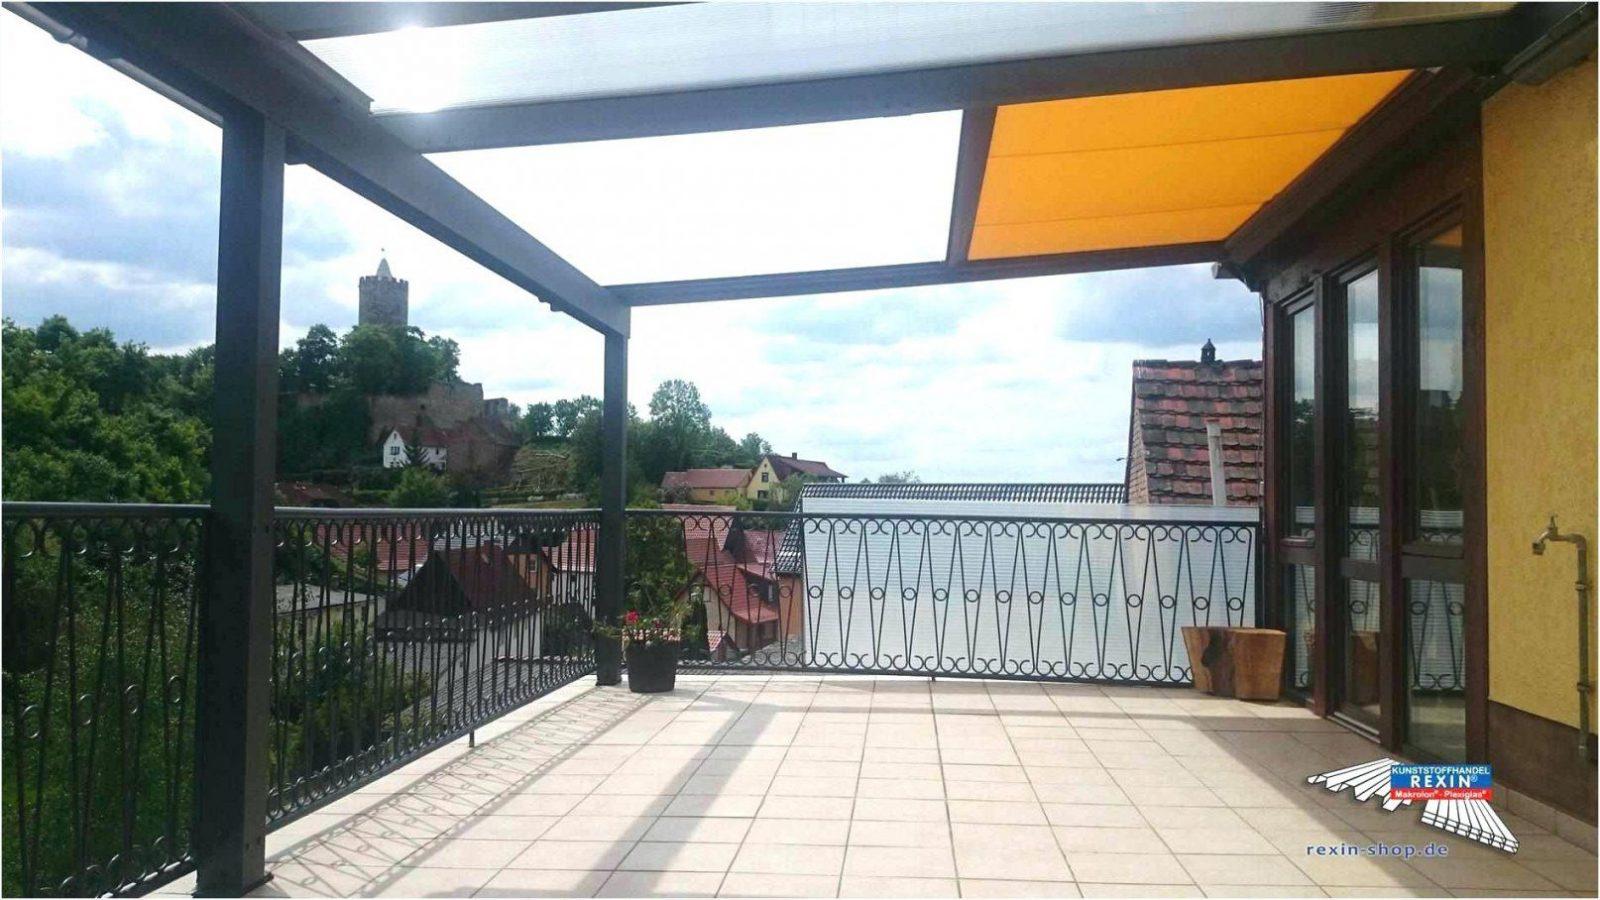 Seiten Sichtschutz Balkon Ohne Bohren Fur Balkontur Obi von Balkon Sichtschutz Seite Ohne Bohren Photo